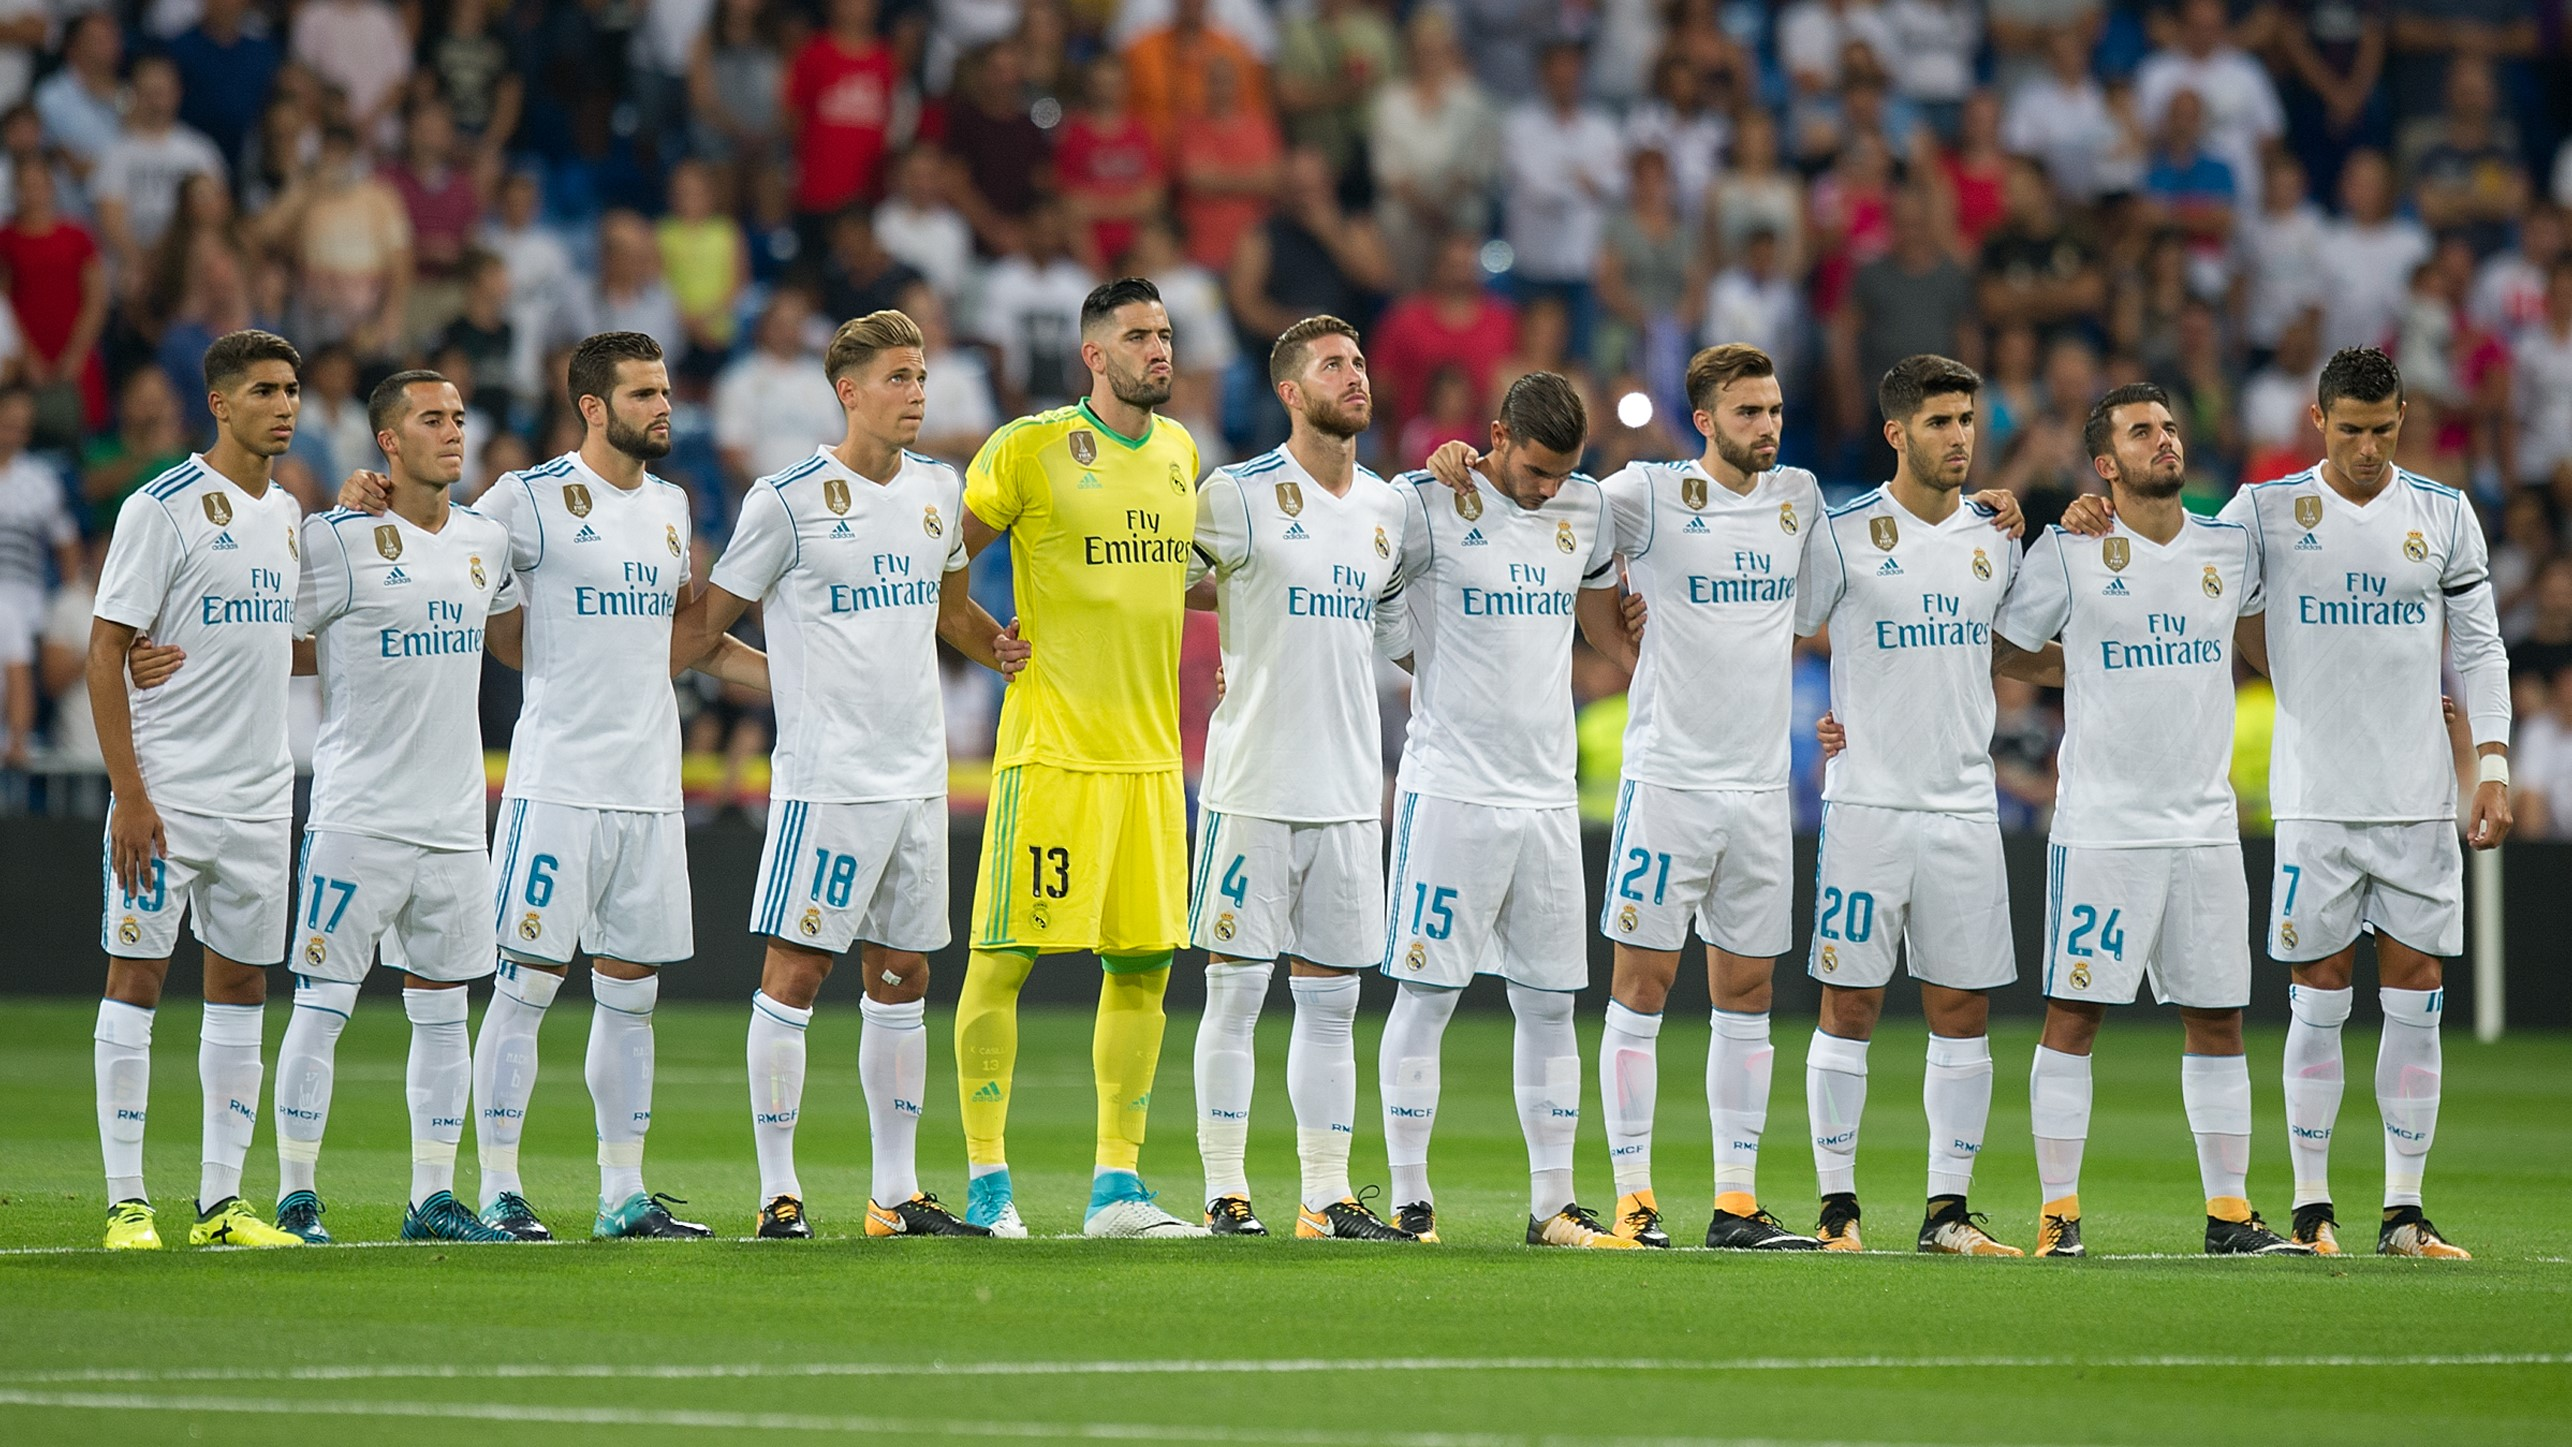 ريال مدريد يخسر 6 لاعبين مؤثرين ضد ريال سوسيداد